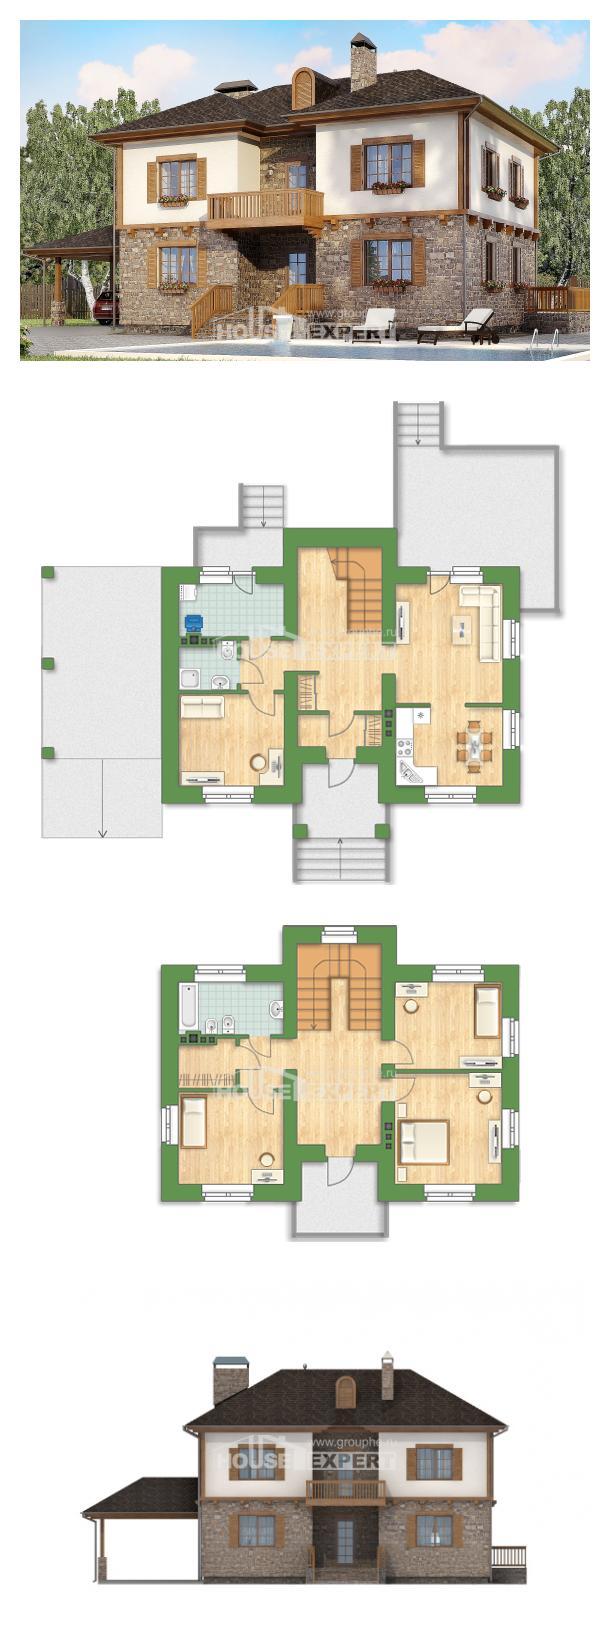 Plan 155-006-L | House Expert